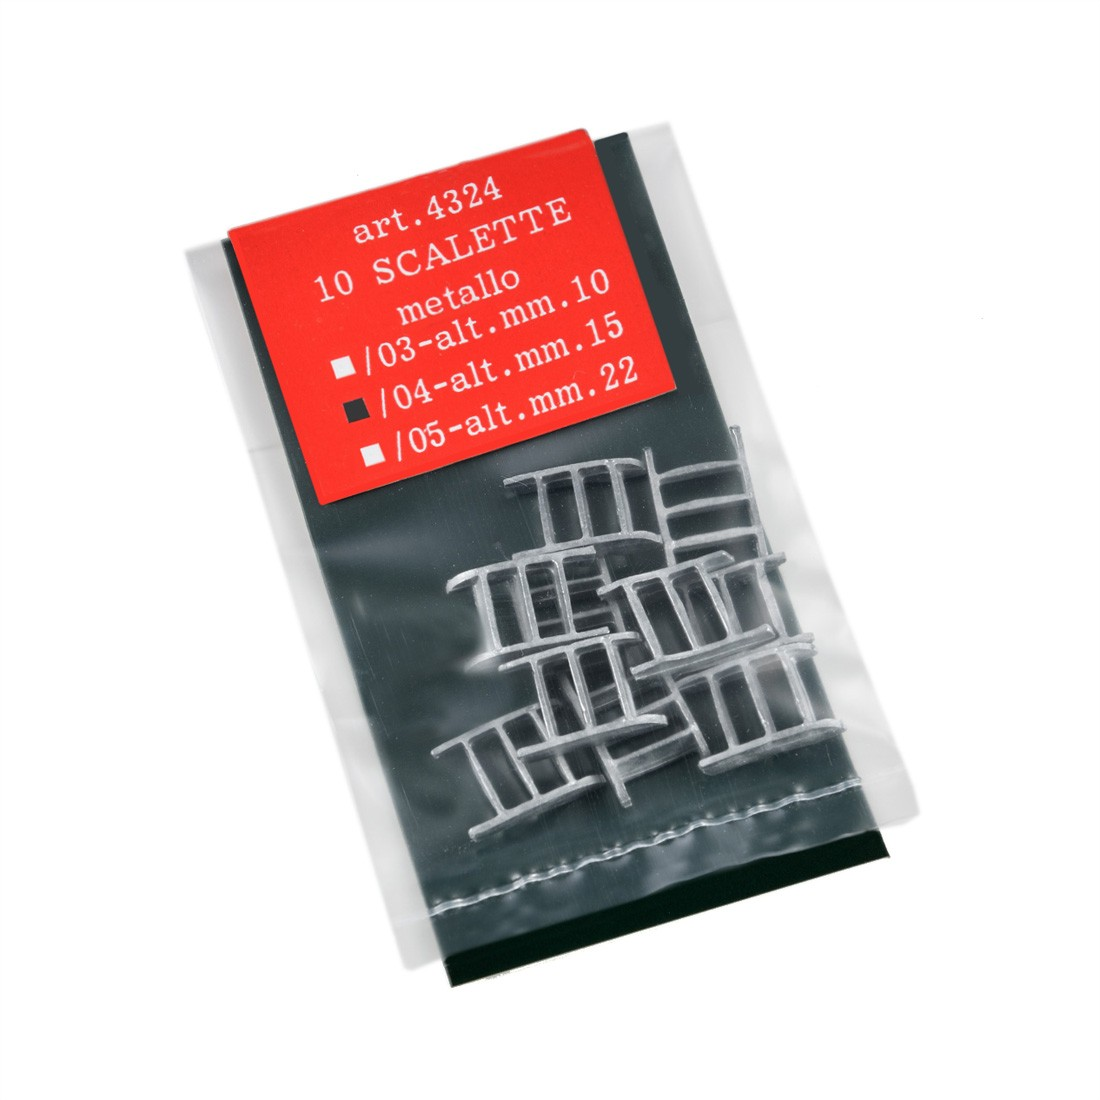 Escaleras metálicas mm.15